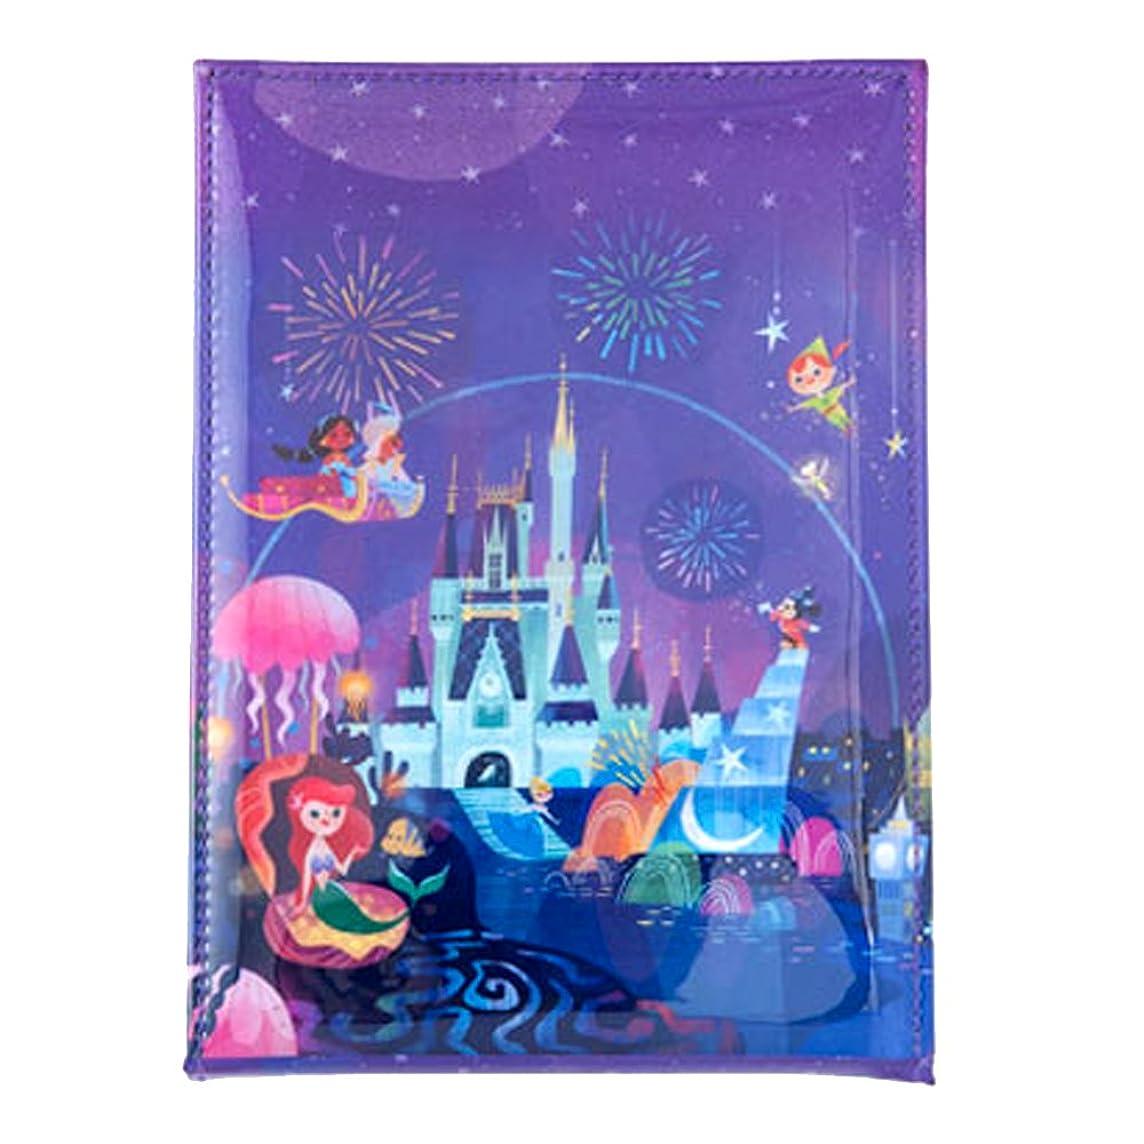 懇願する残る後世夜空ファンタジー風 スタンド 式 ミラー ディズニー 鏡 ミッキー アリエル 他 セレブレーションホテル デザイン リゾート 限定